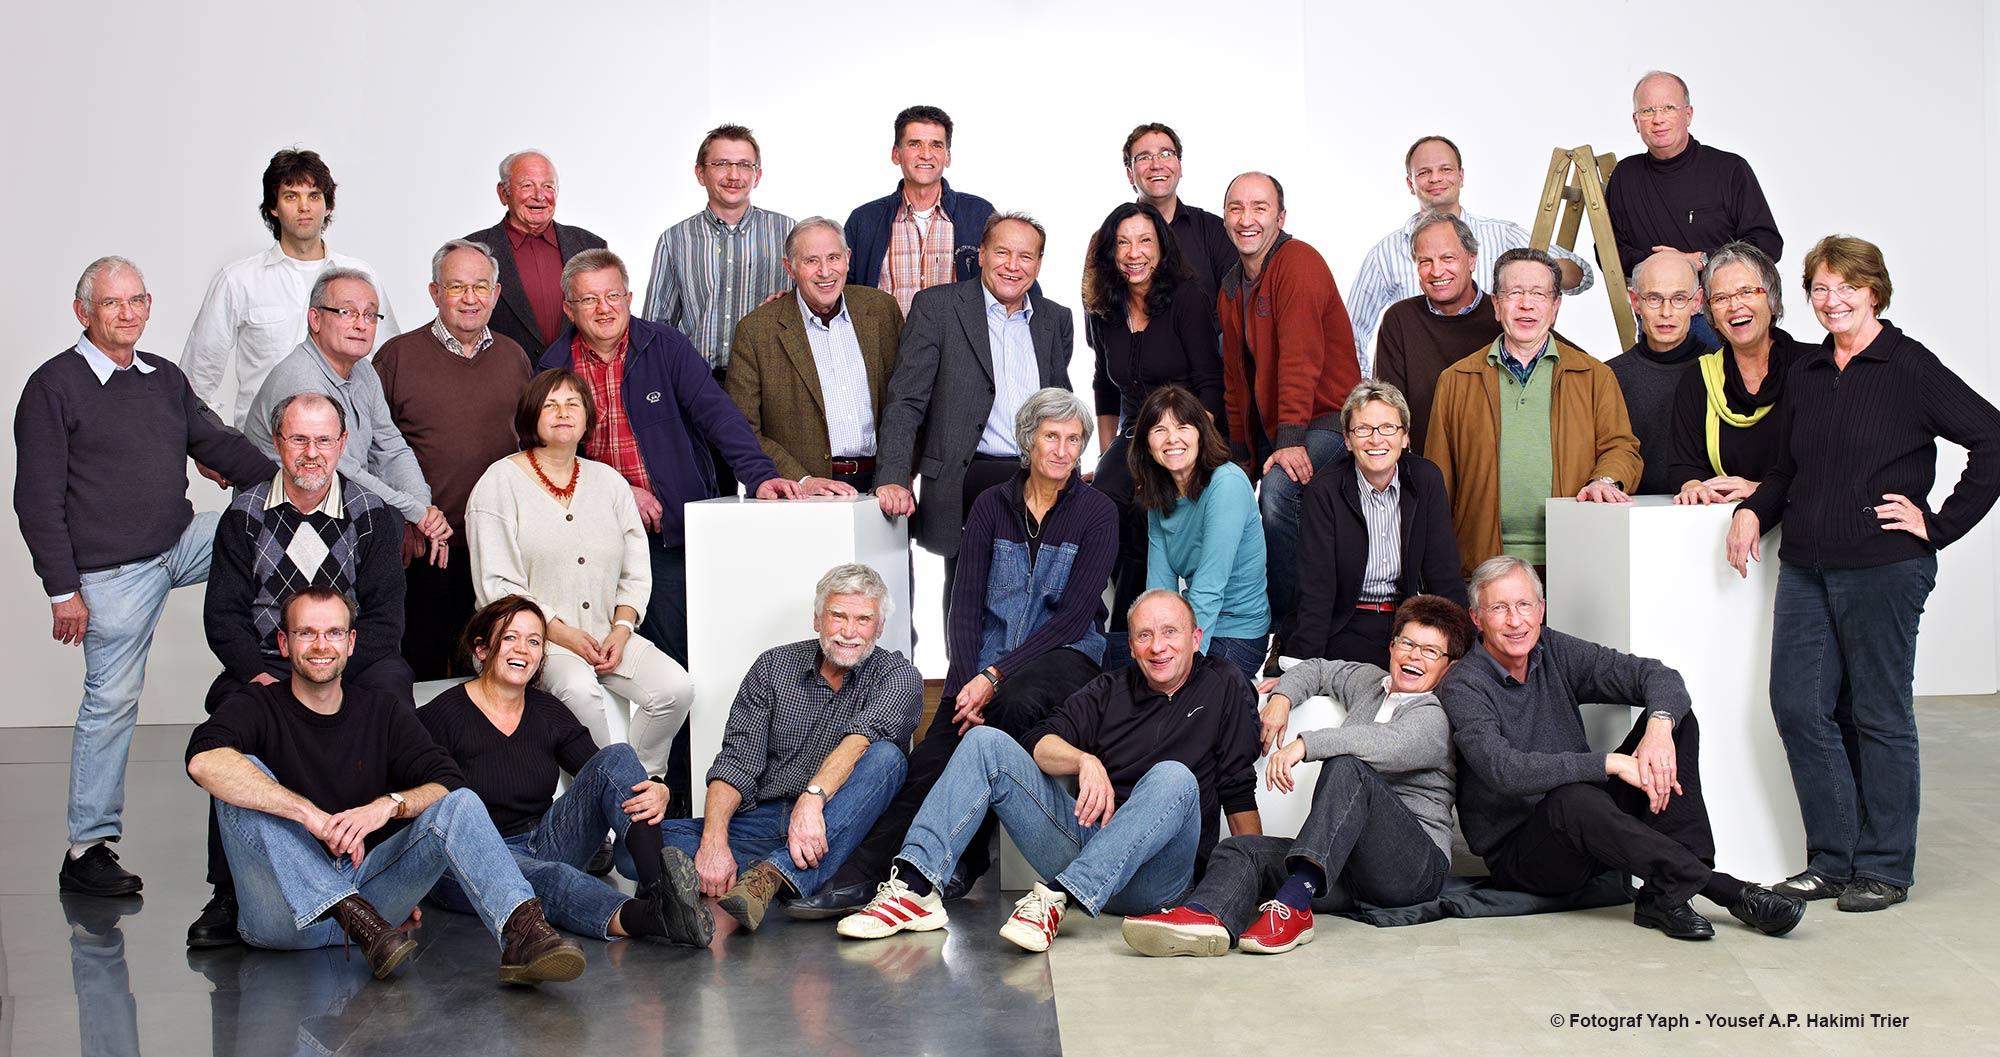 Gruppenfoto der fotografischen Gesellschaft Trier aufgenommen im Fotostudio Yaph auf dem Petrisberg